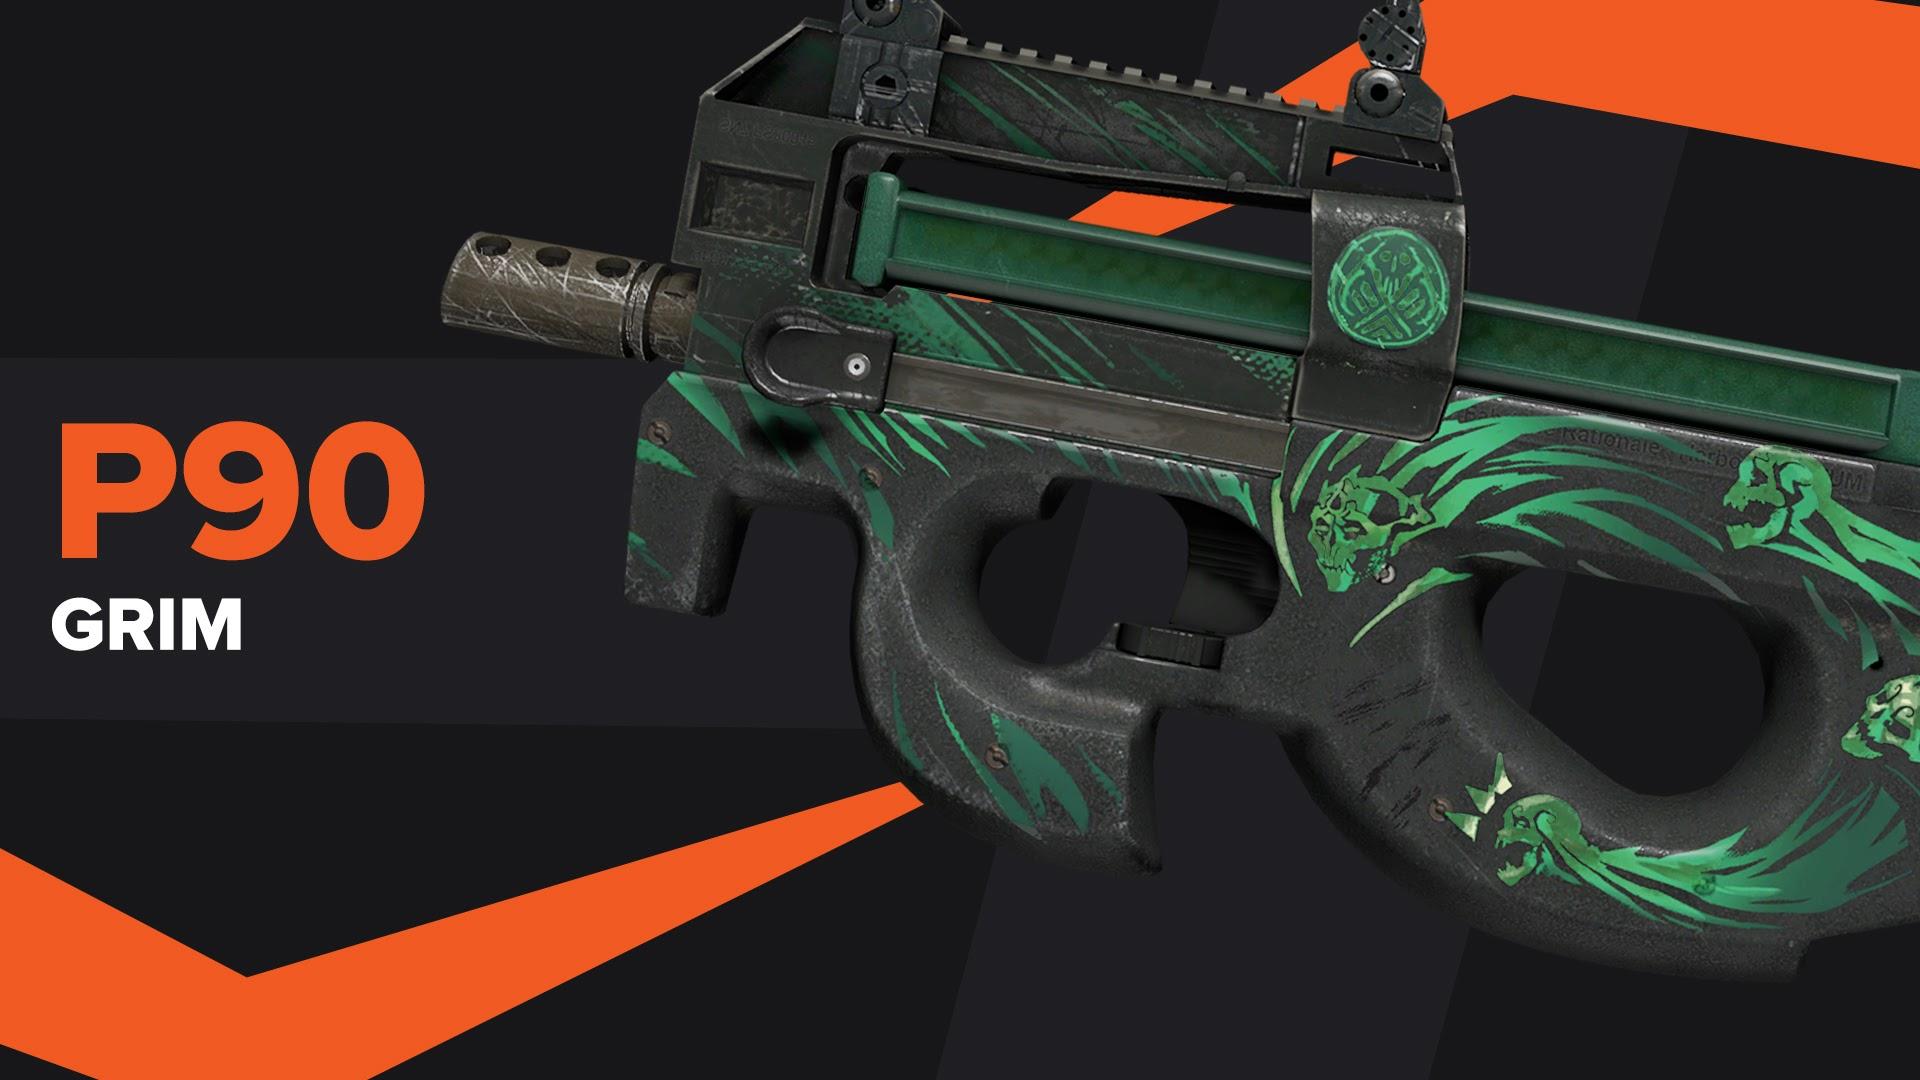 P90 Grim CSGO Skin